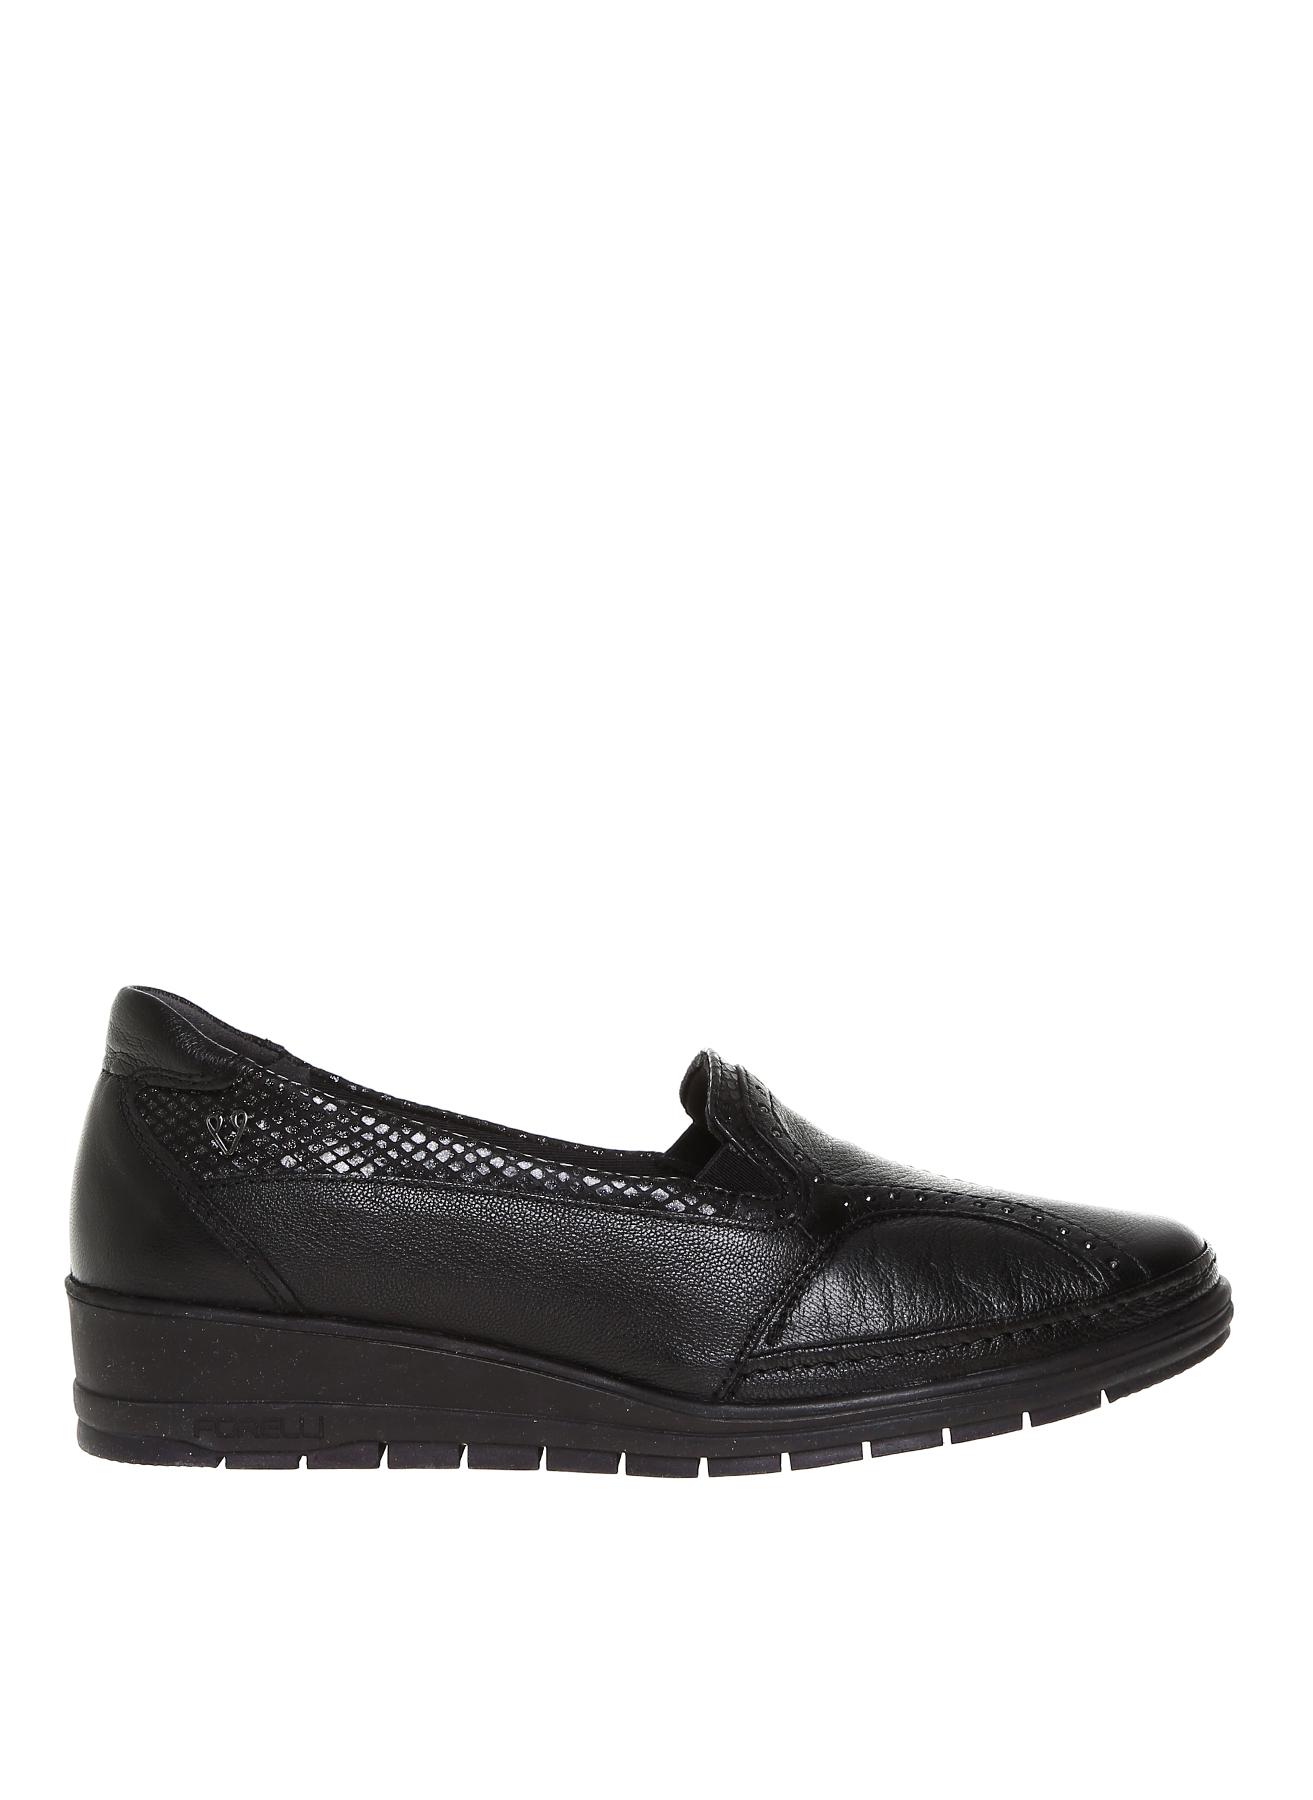 Forelli Siyah Düz Ayakkabı 36 5001921030001 Ürün Resmi